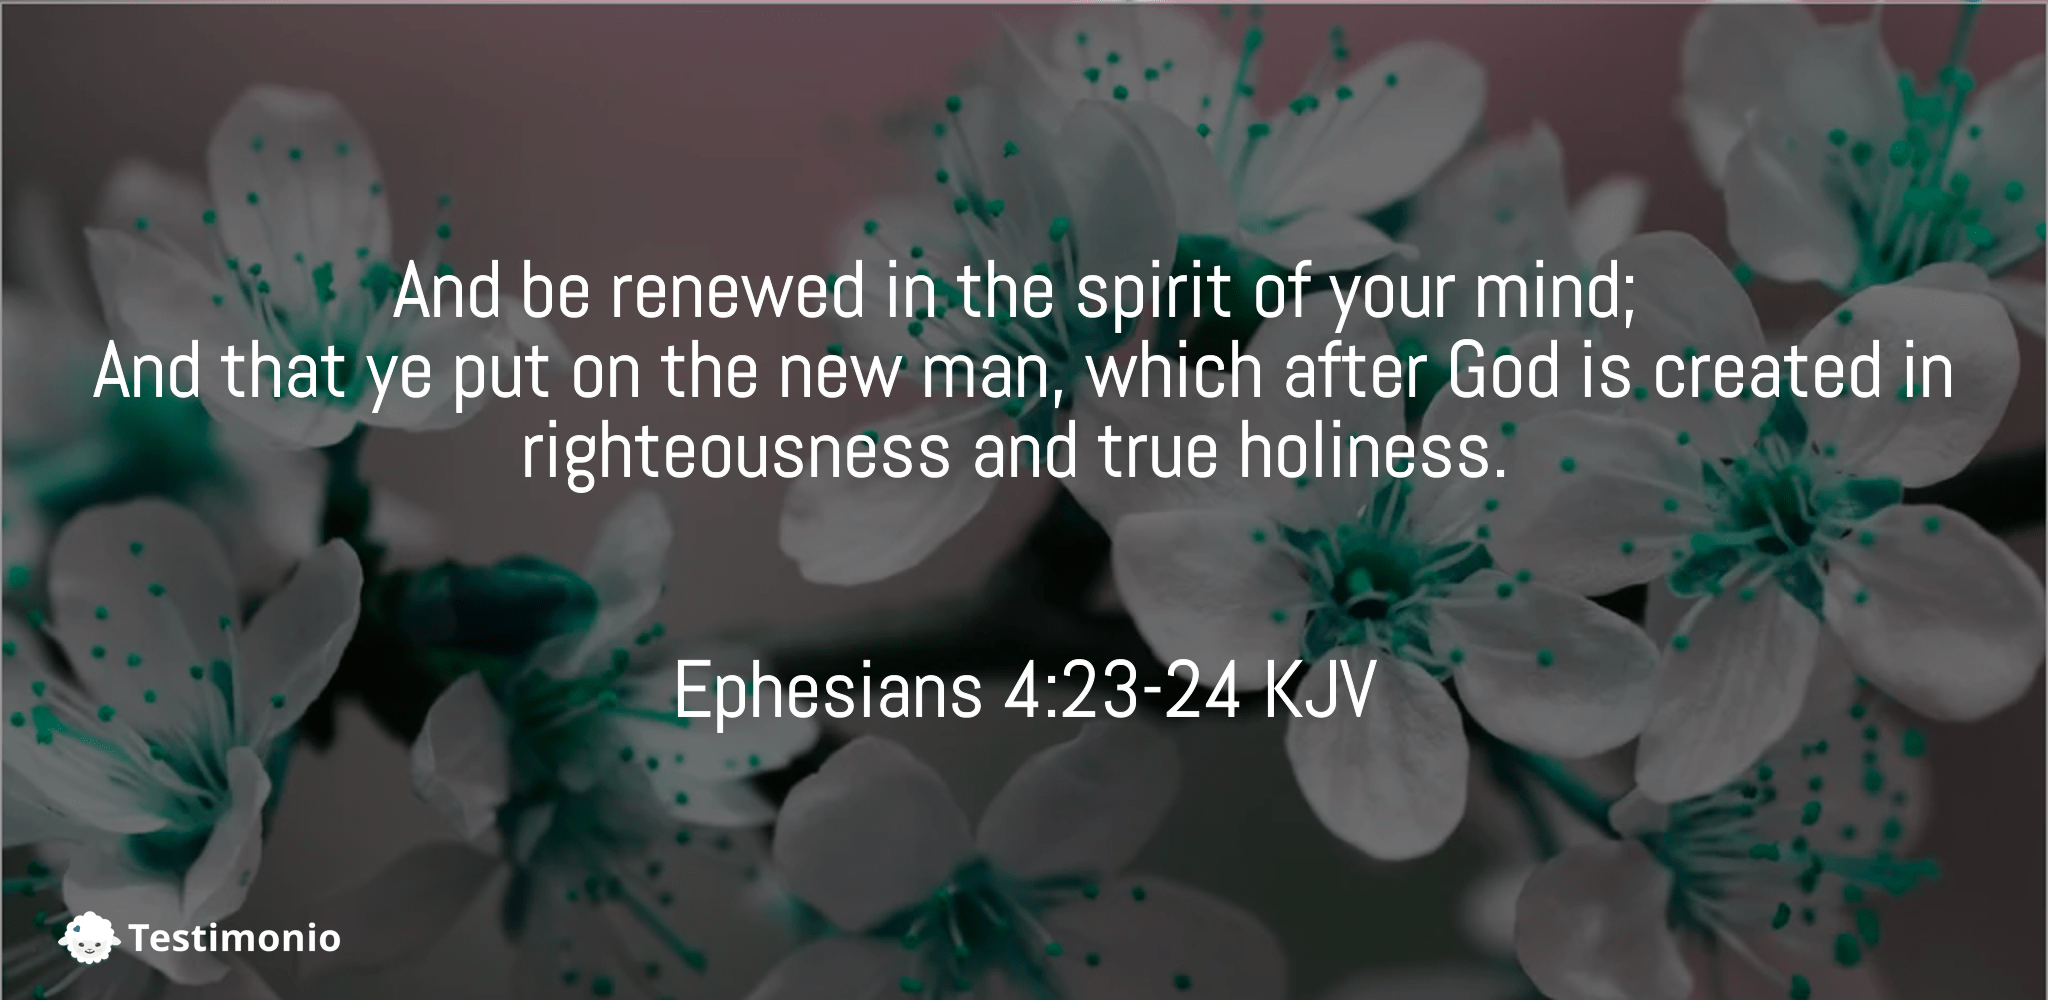 Ephesians 4:23-24